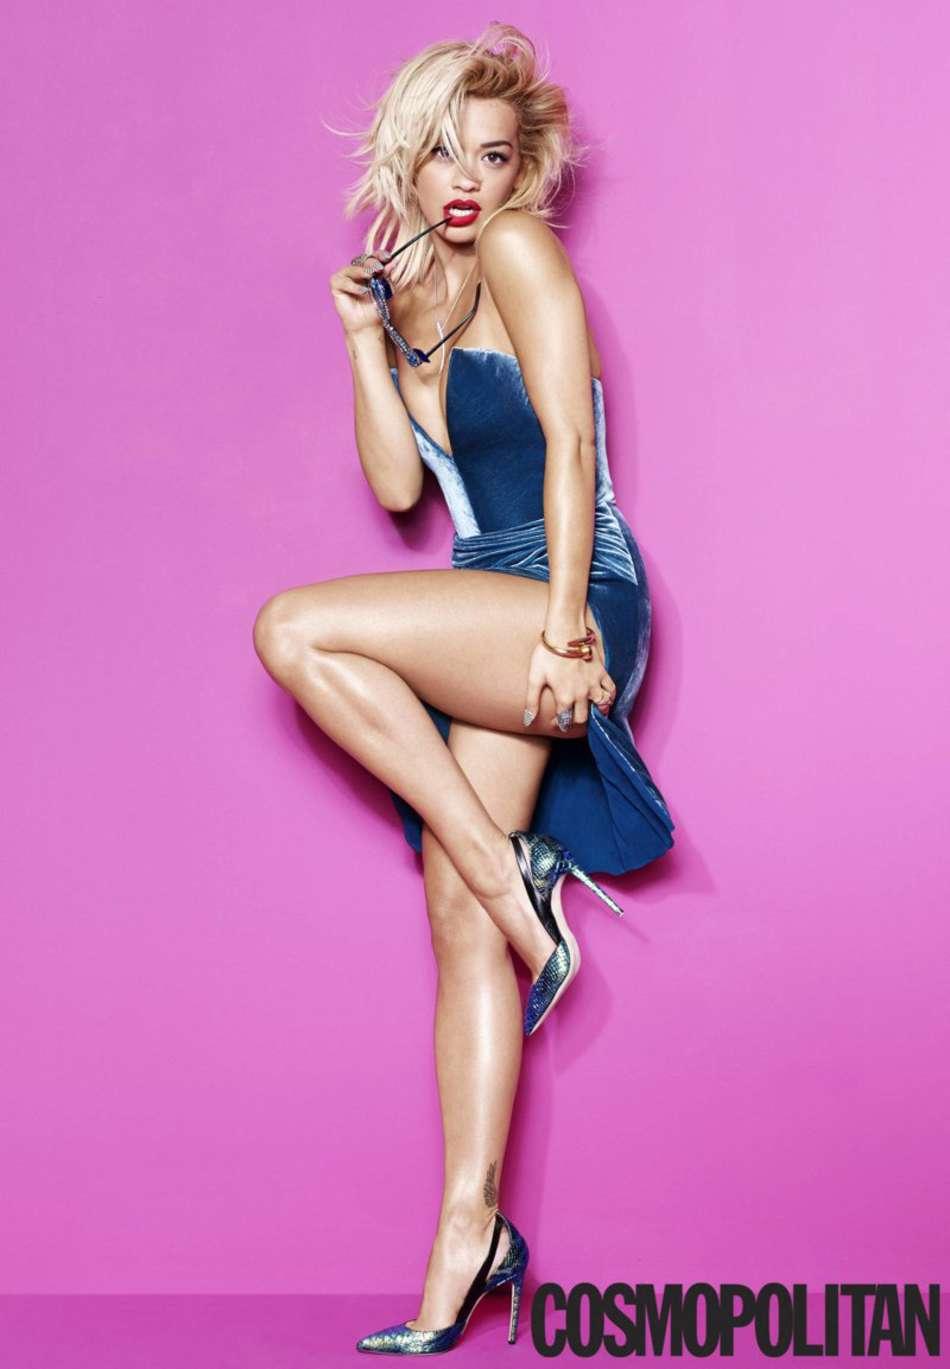 Katy Perry Cosmopolitan Magazine 2017